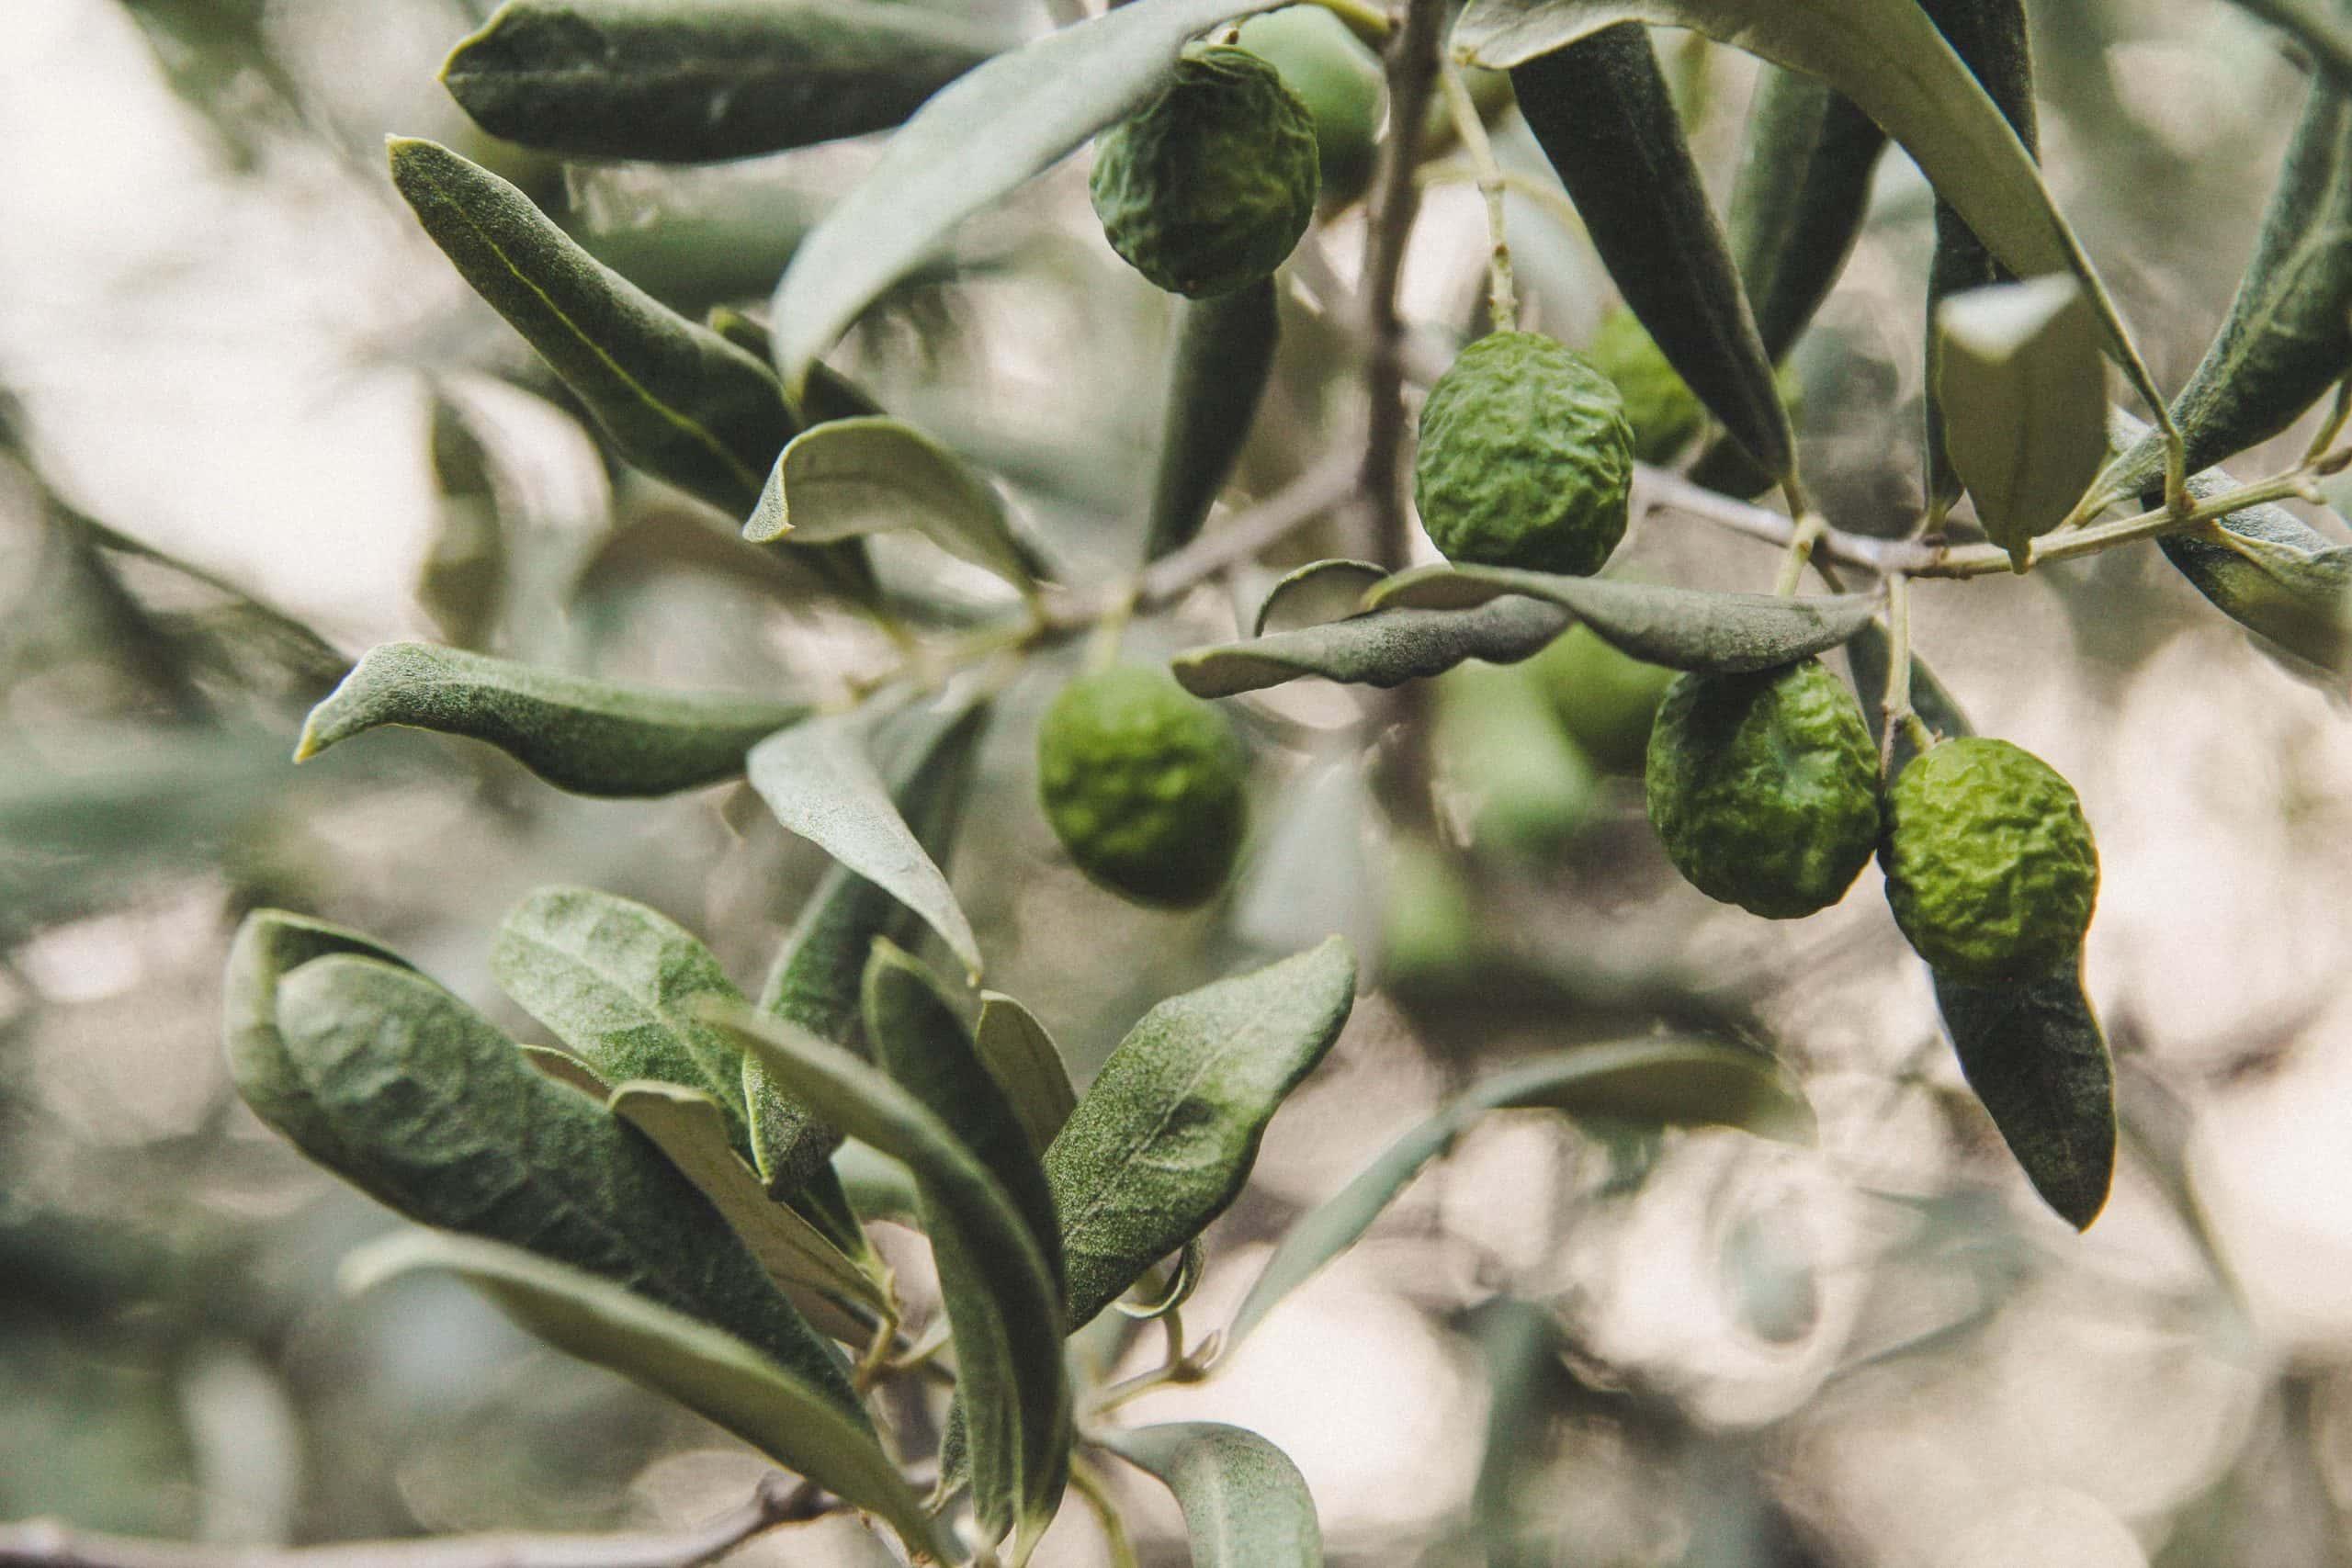 Tekli ve çoklu doymamış yağ asitlerine sahip olan yağlı tohumlar, yağdan sağlanan enerjinin %35-40'lık bir kısmını oluştururken, yağlarda olmazsa olmaz zeytinyağıdır.